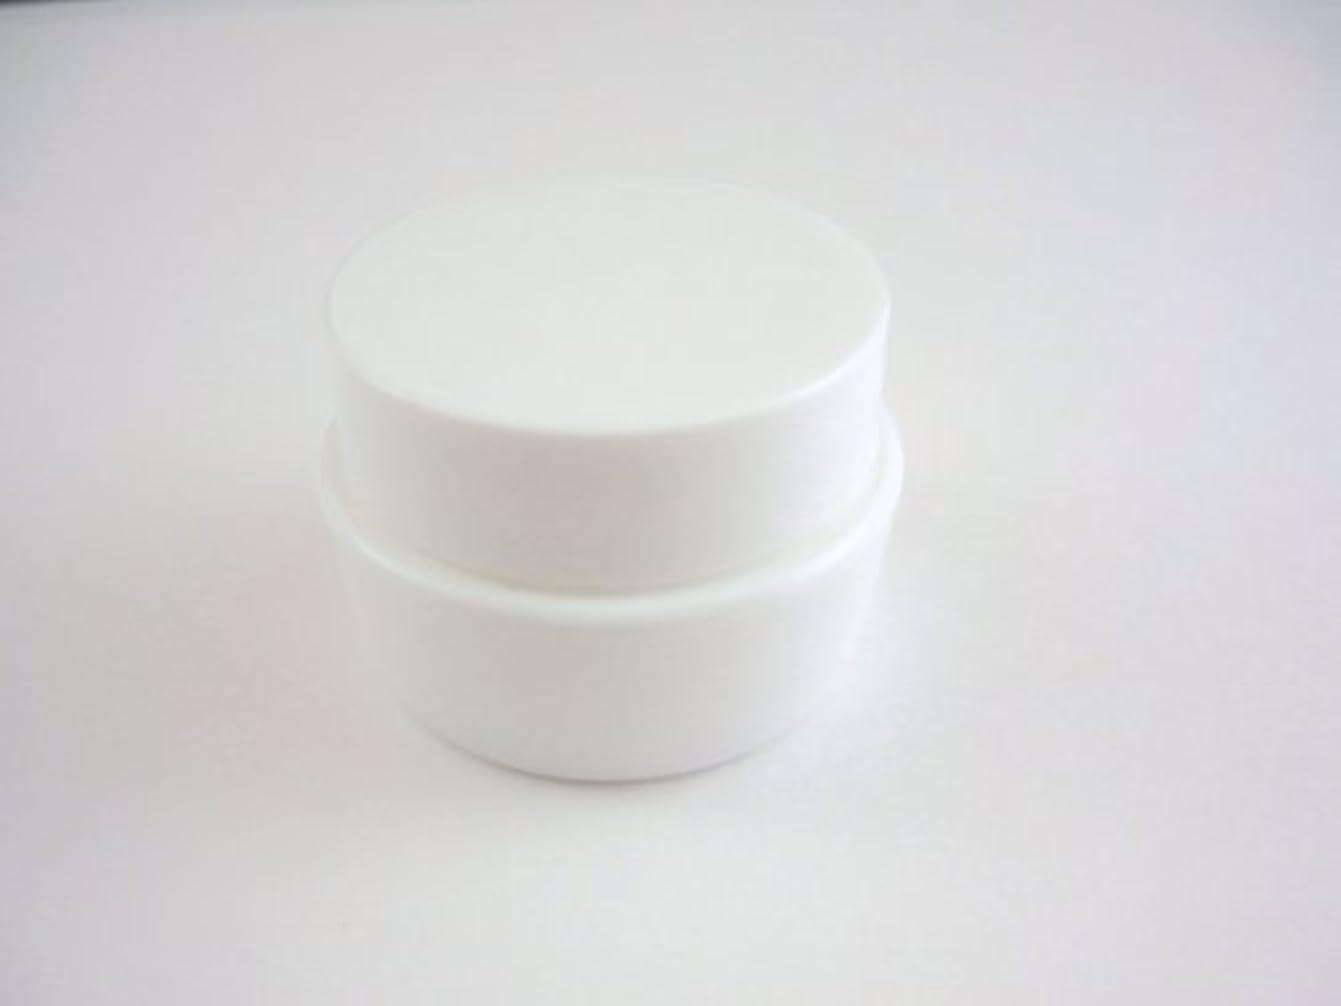 敬意完全にゴミ箱ジェル空容器 3ml   ホワイト 10個セット